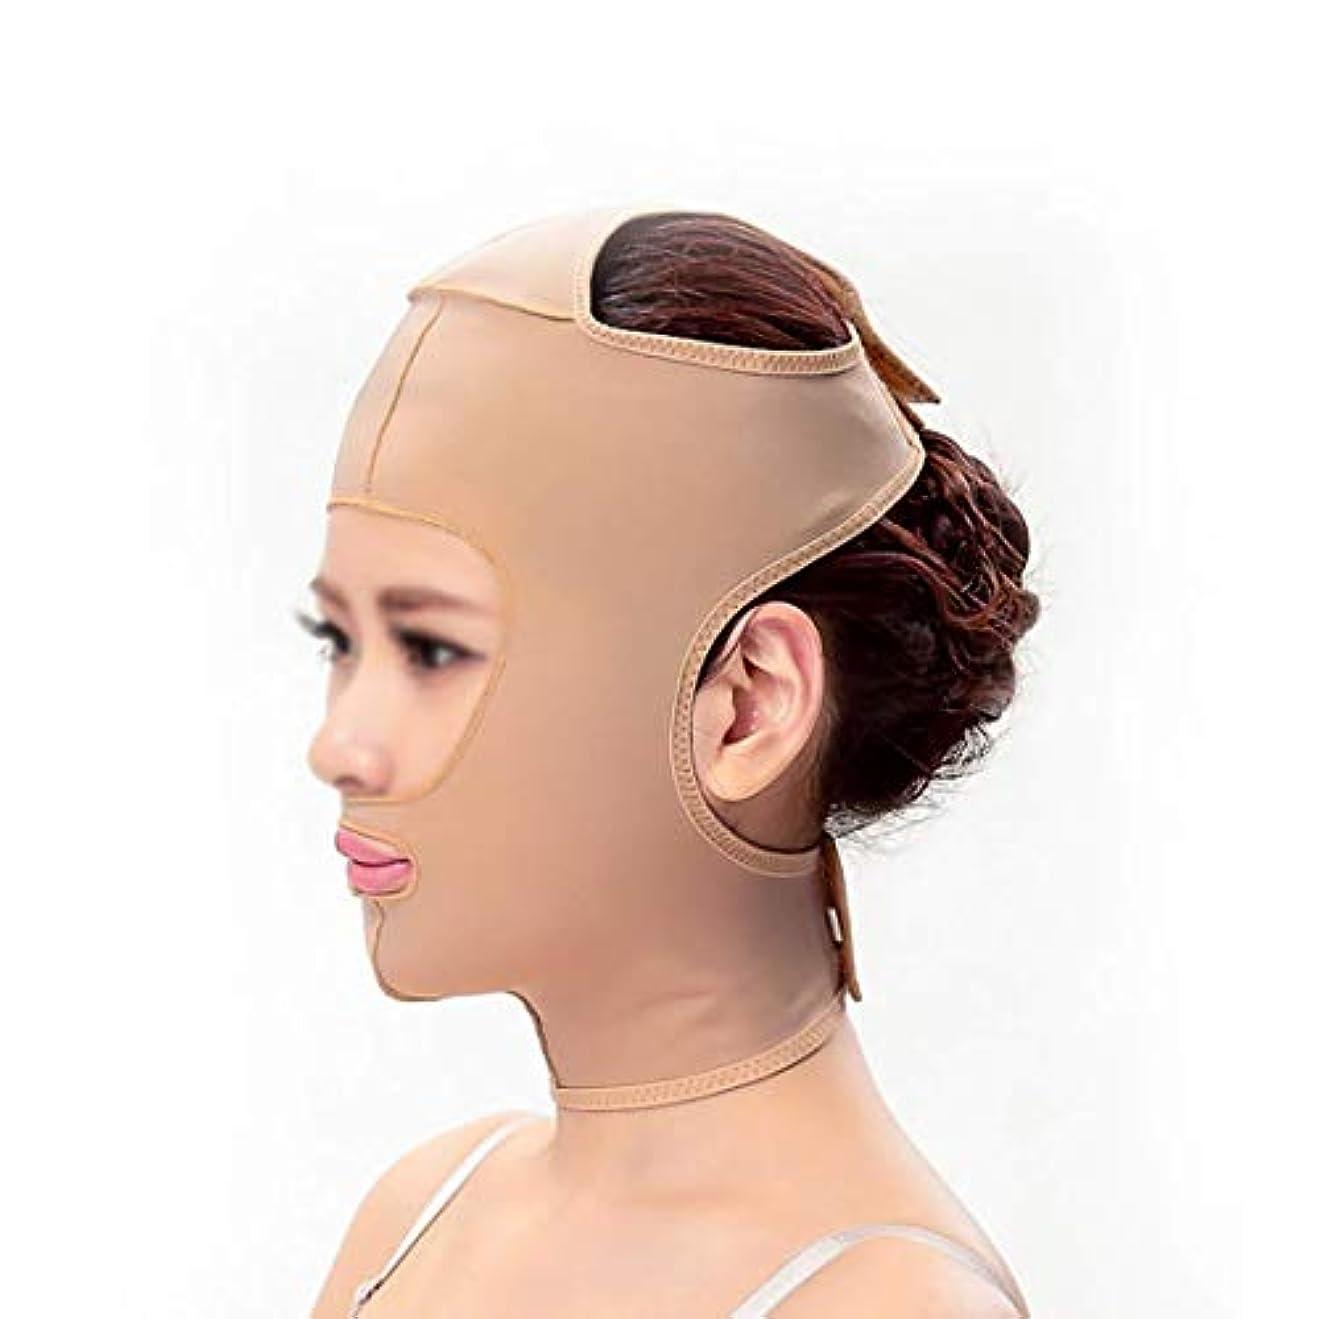 体知らせるストロースリミングベルト、二重あごの引き締め顔面プラスチックフェイスアーティファクト強力なフェイスバンデージをサイズアップするために顔面マスクシンフェイスマスク,M